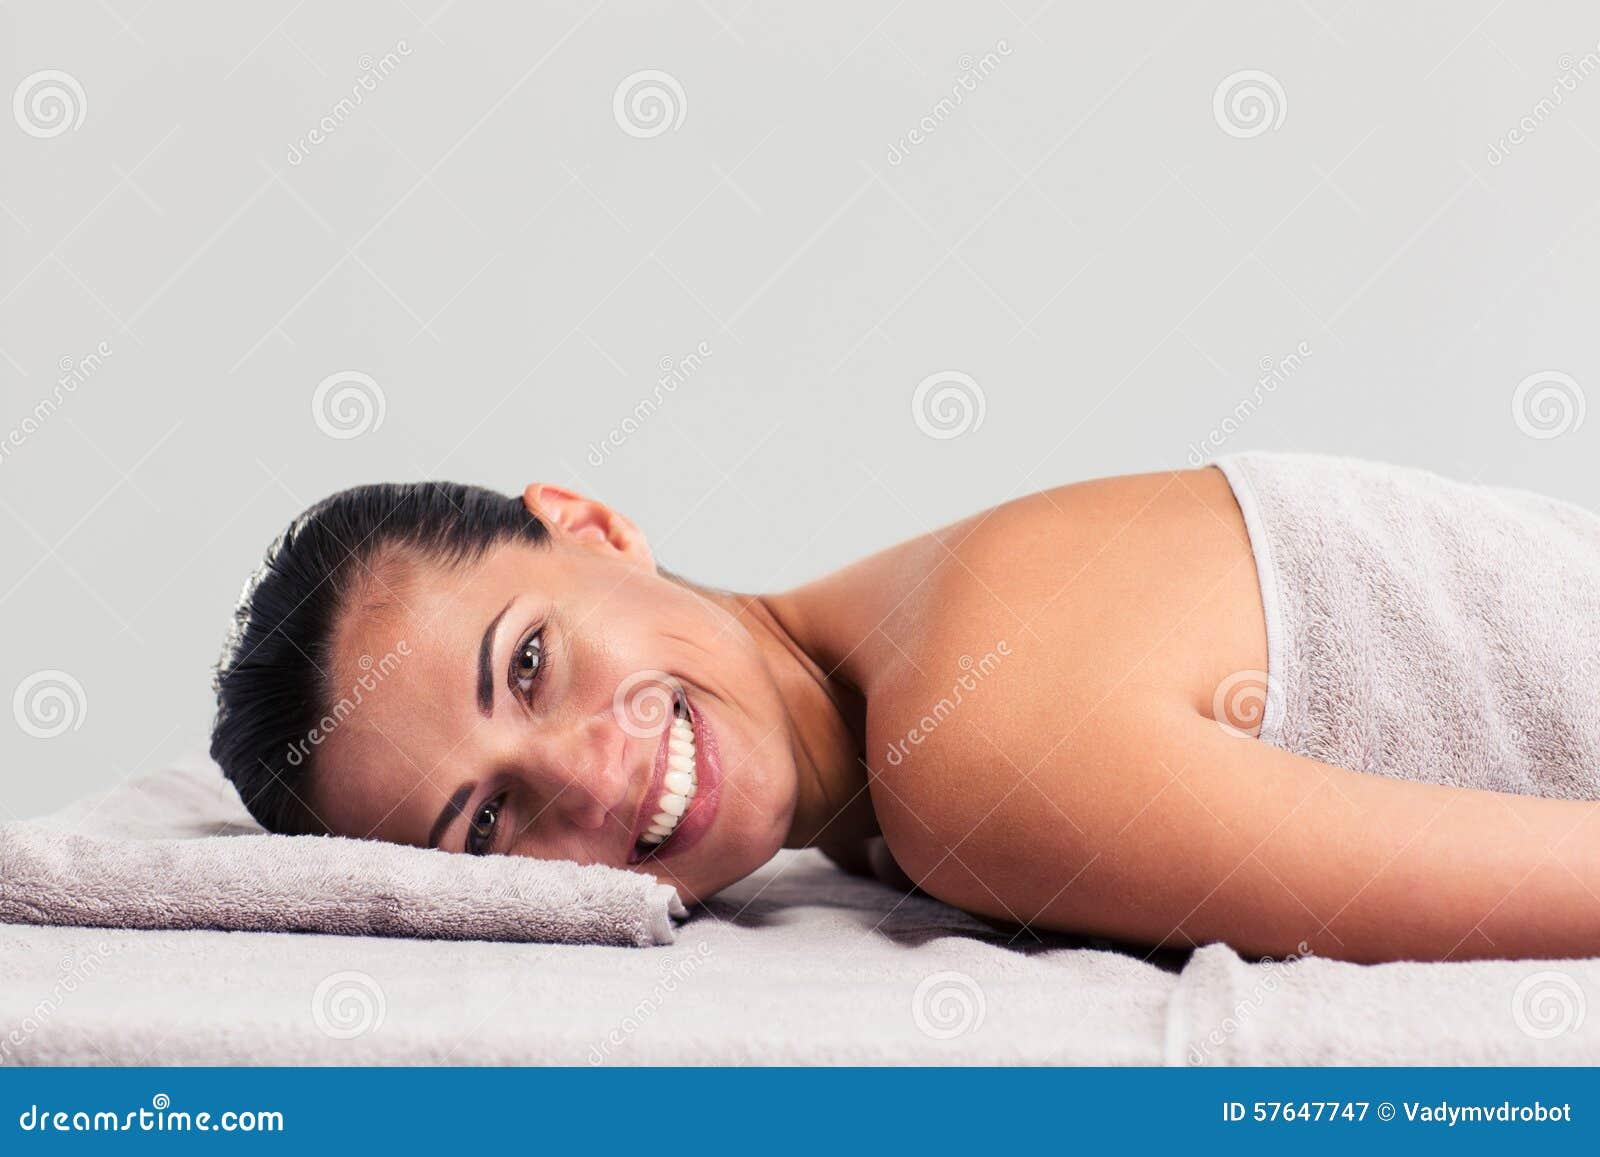 Avkopplad kvinna som ligger på massagedagdrivare